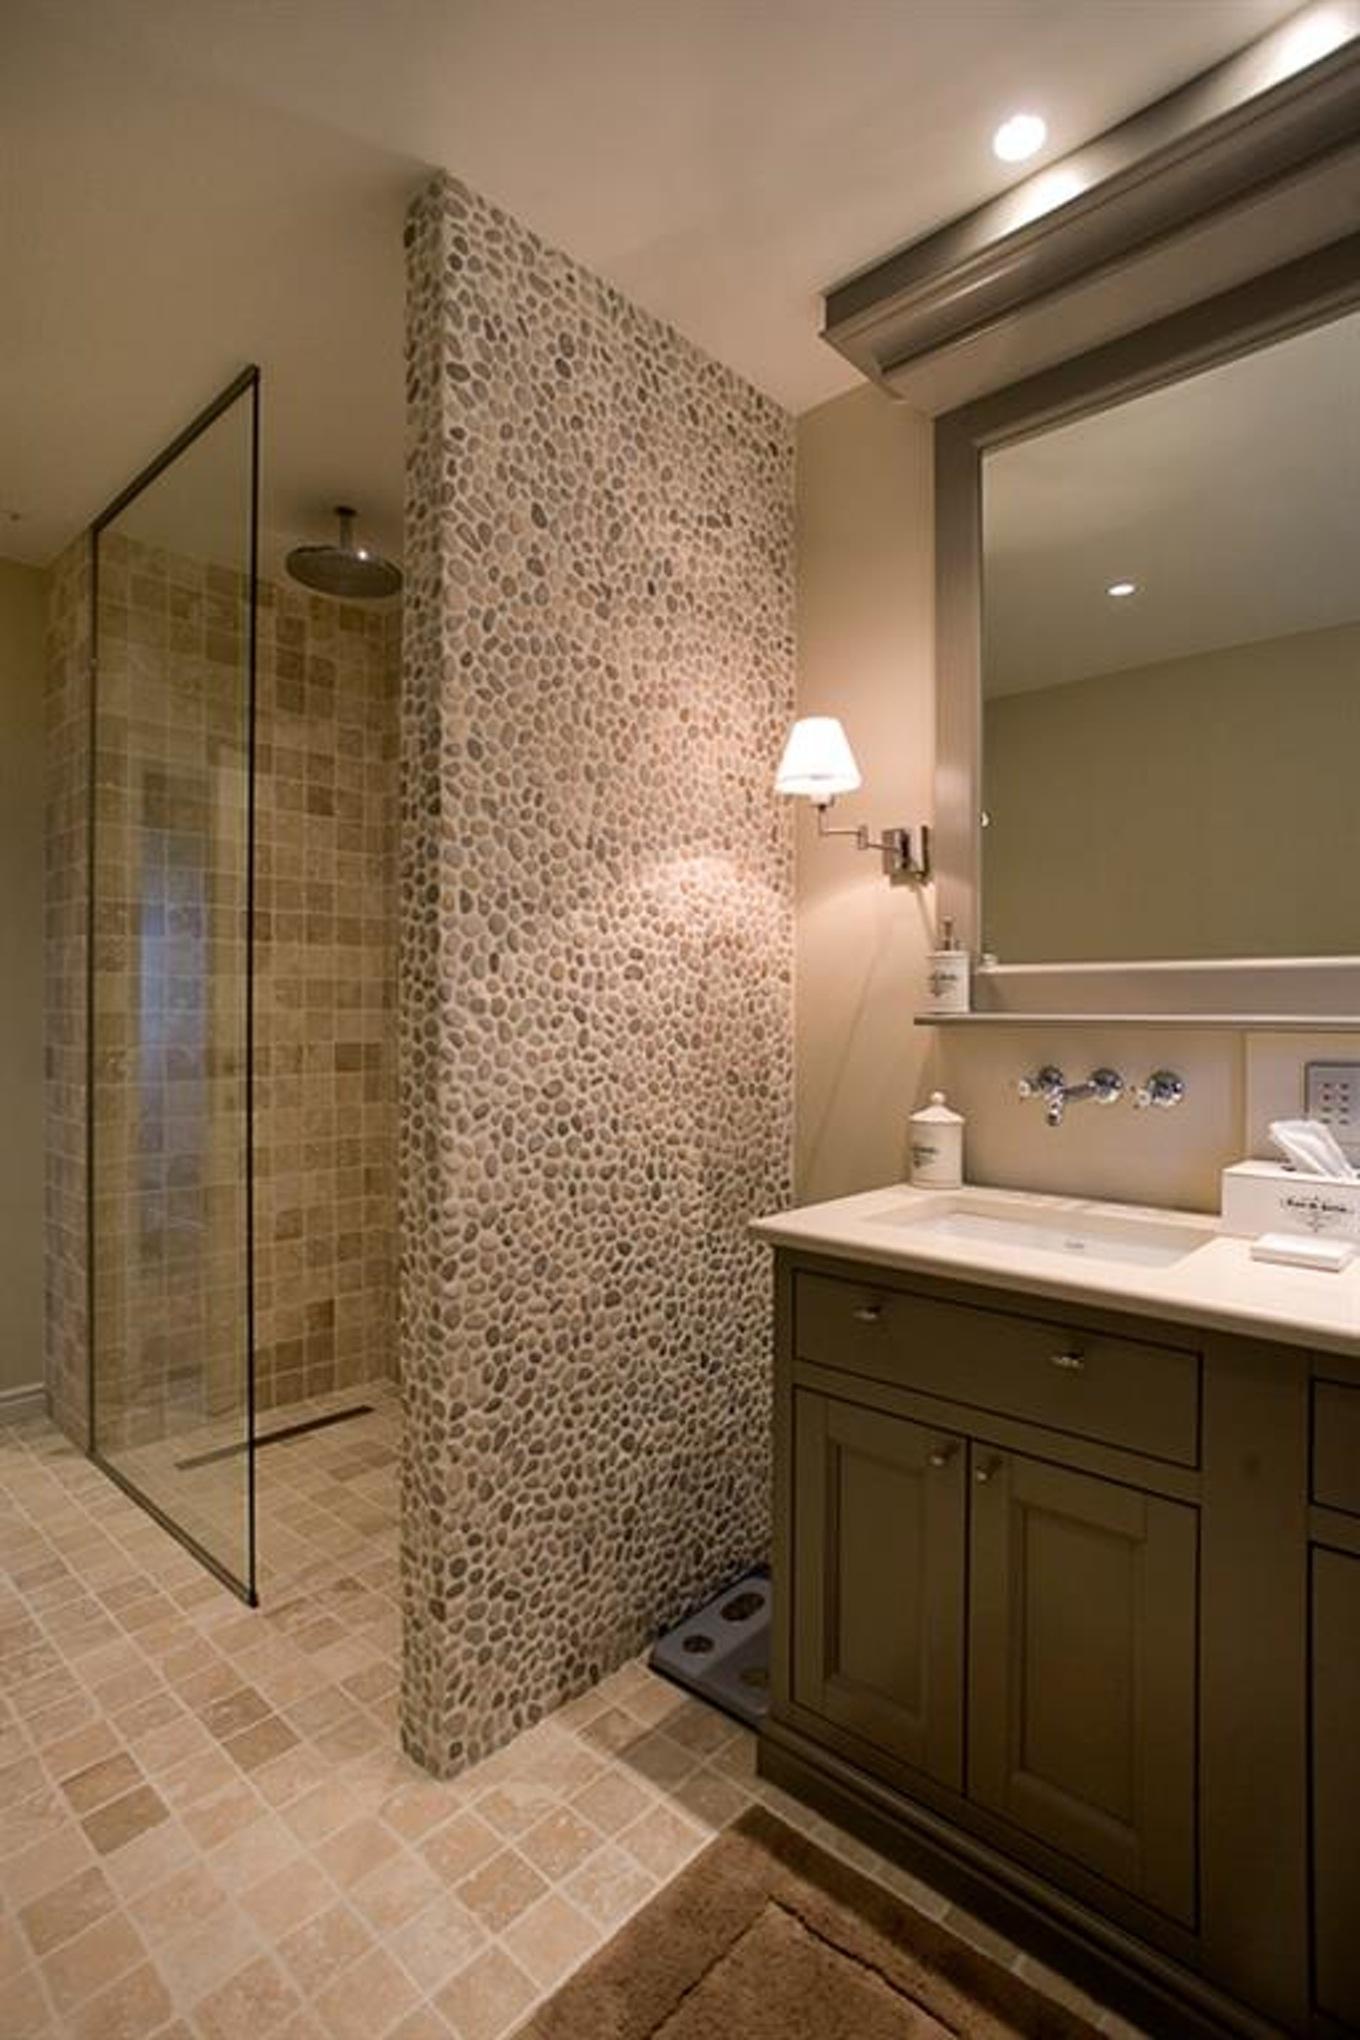 Ванная комната с душевой кабиной с отделкой натуральным камнем